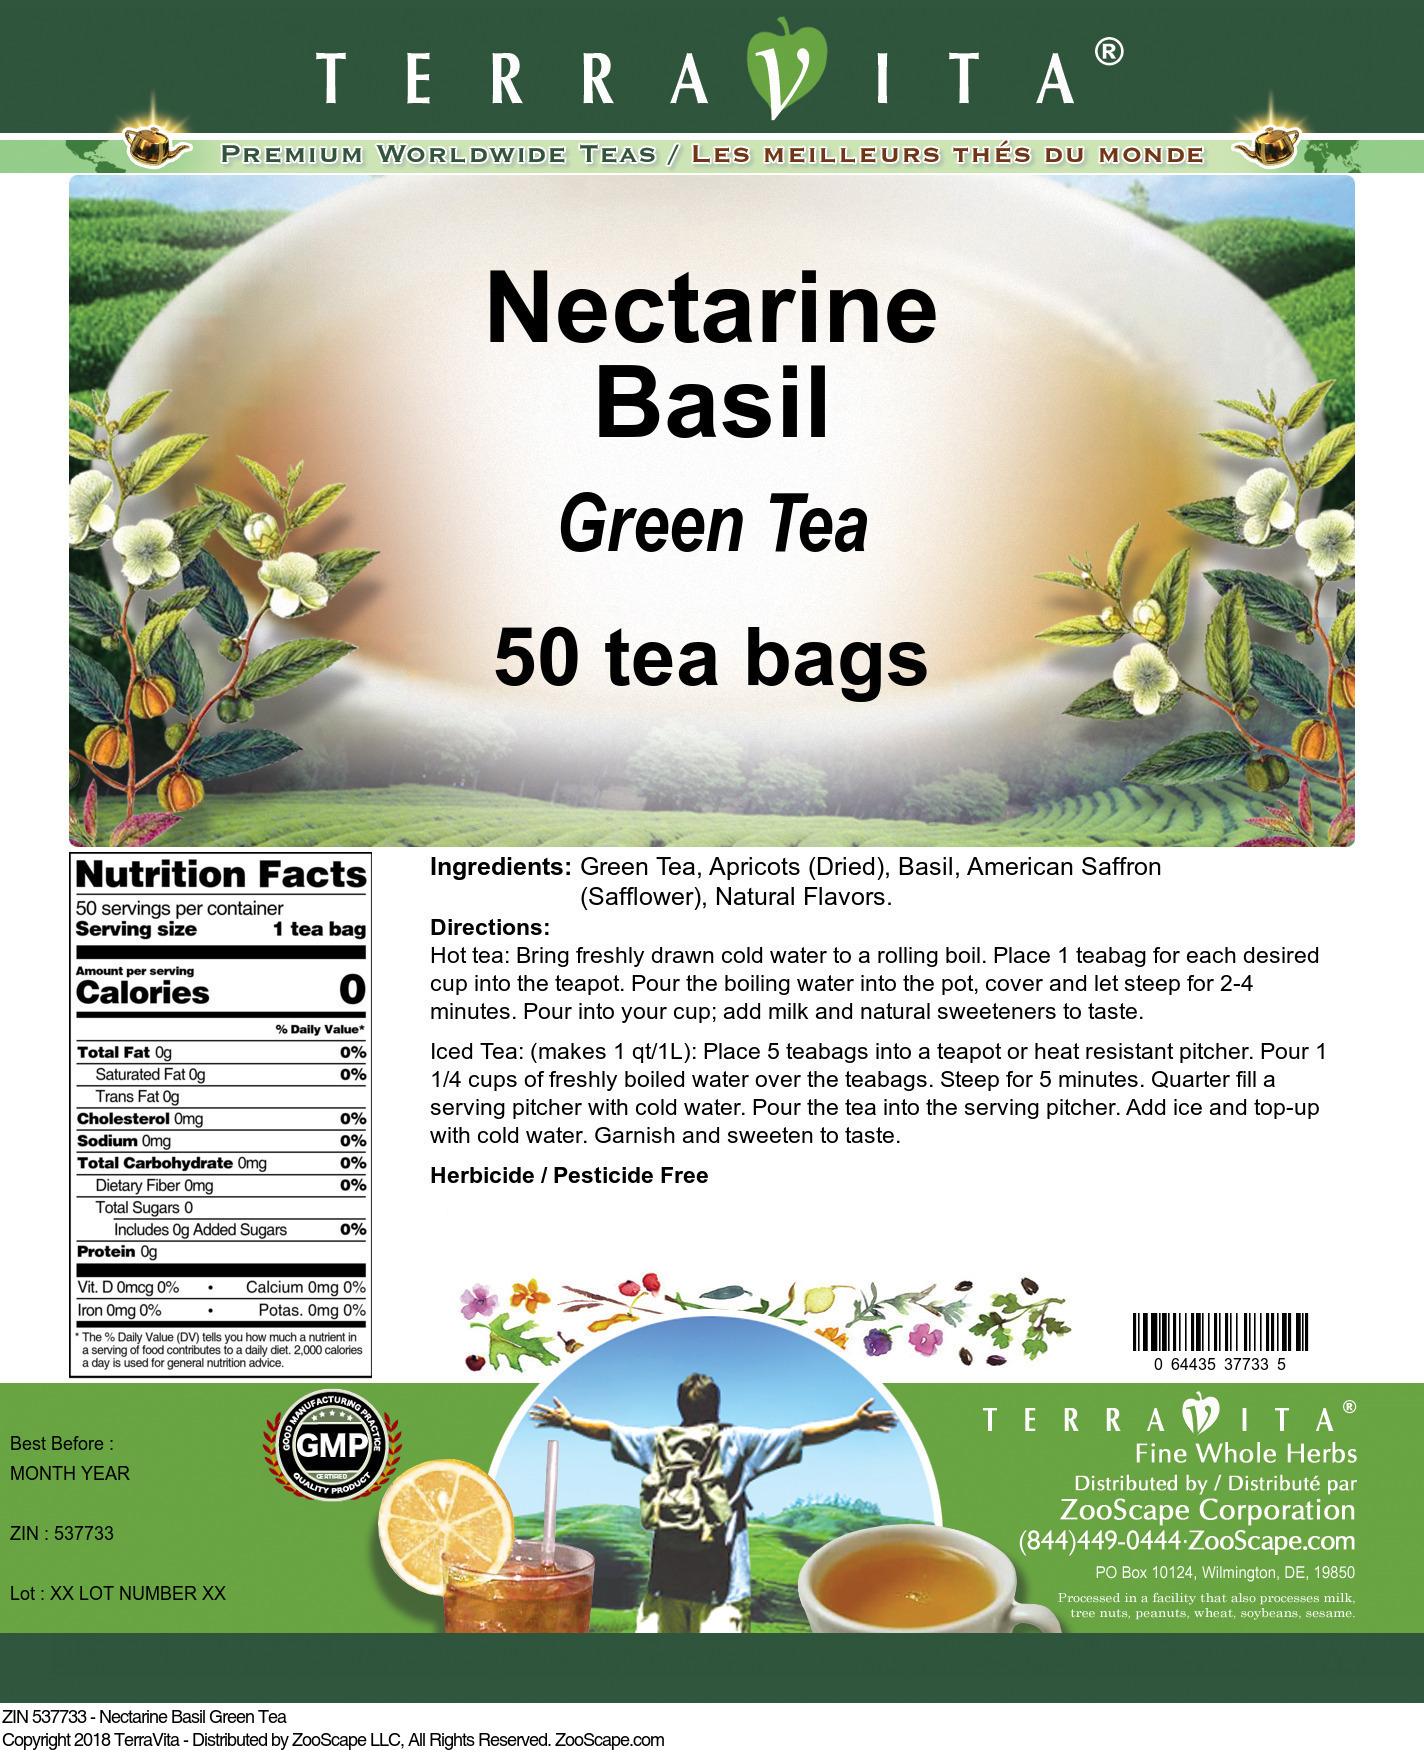 Nectarine Basil Green Tea